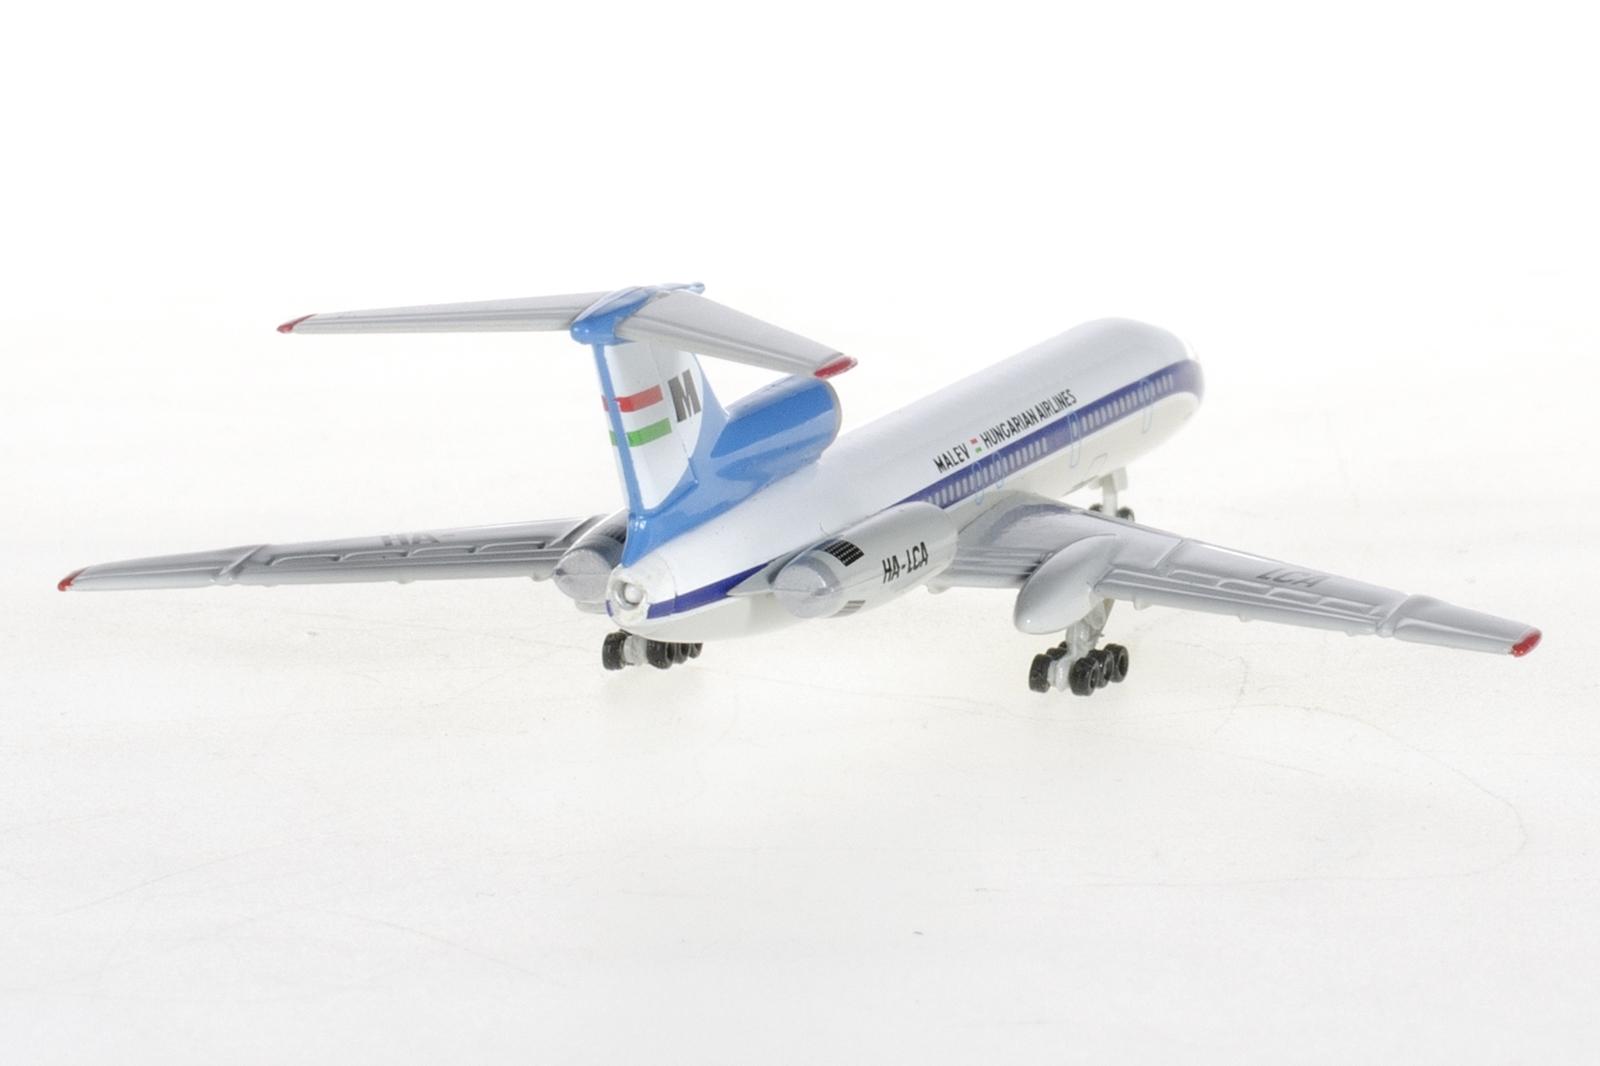 A fémből készült modell saját futóművein állíható ki, állványfoglalat nincs a törzsön. Egy Tu-154-es ebben a méretarányban 9,6 cm hosszú. (Fotó: Herpa Wings) | © AIRportal.hu